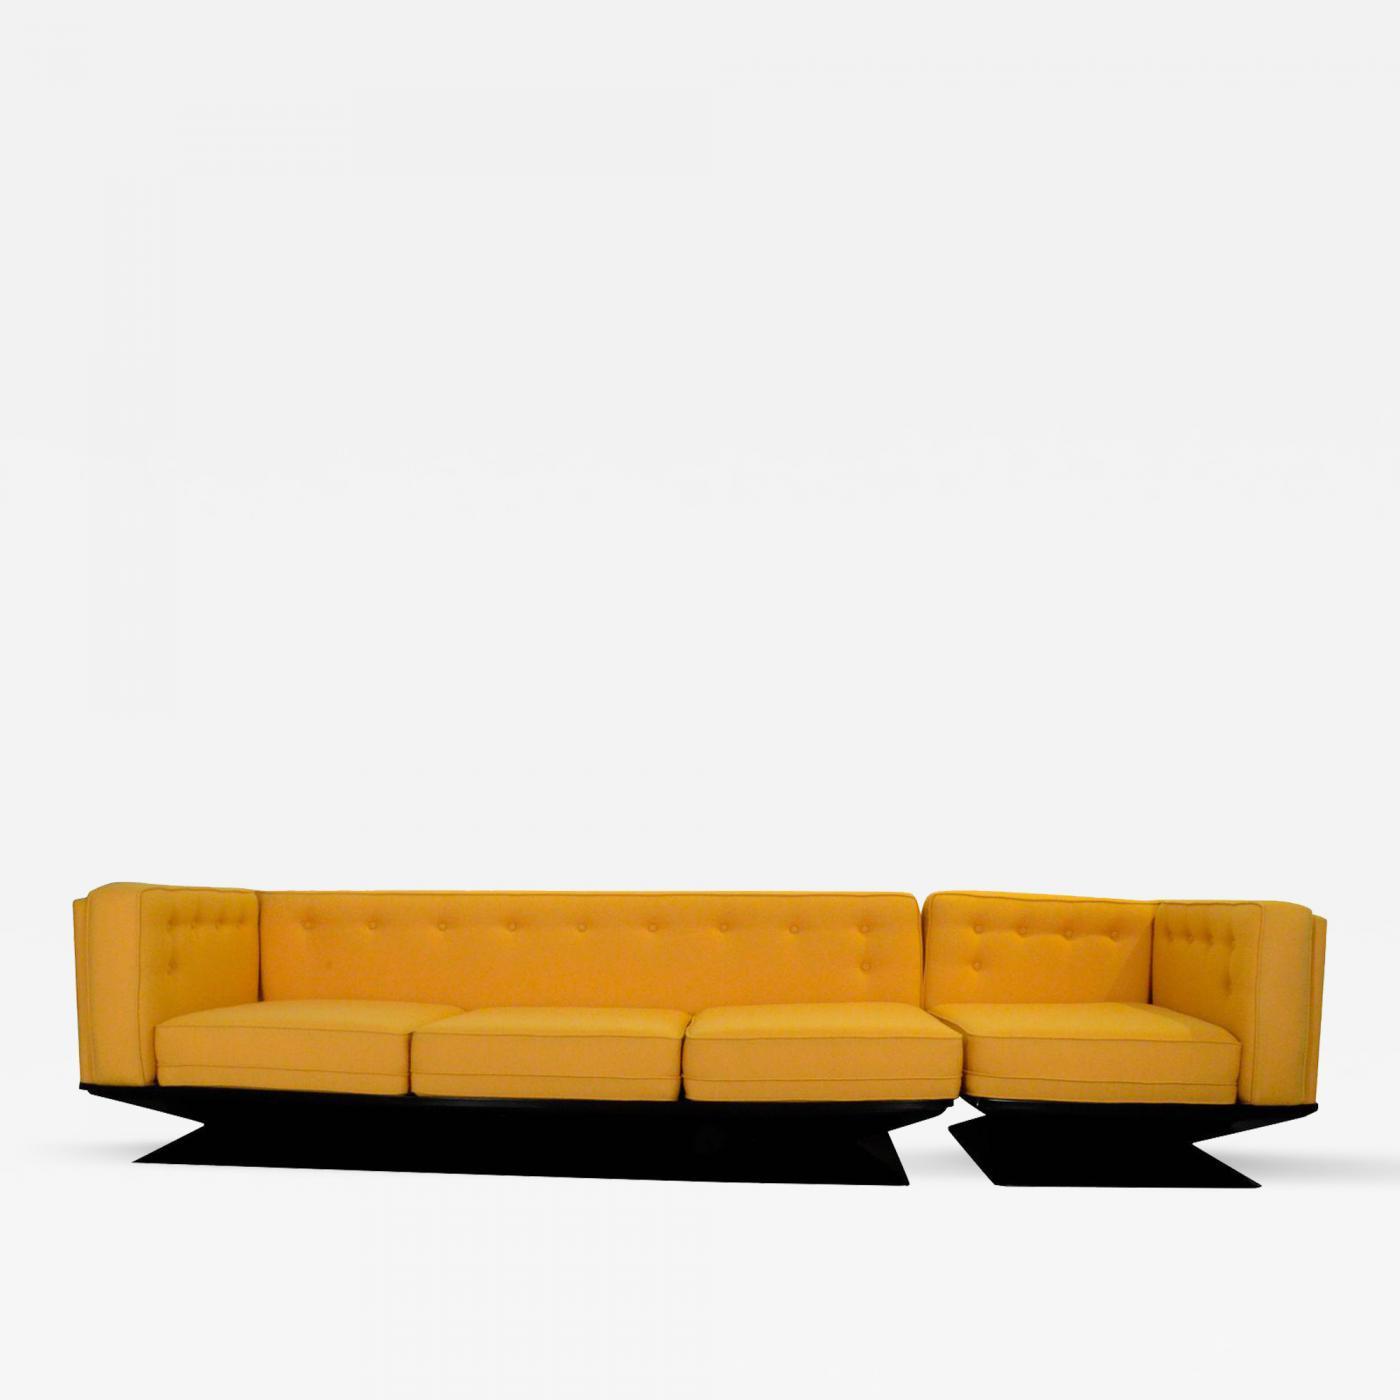 Luigi Pellegrin Italian Newly Upholstered Mid Century Modern MIM